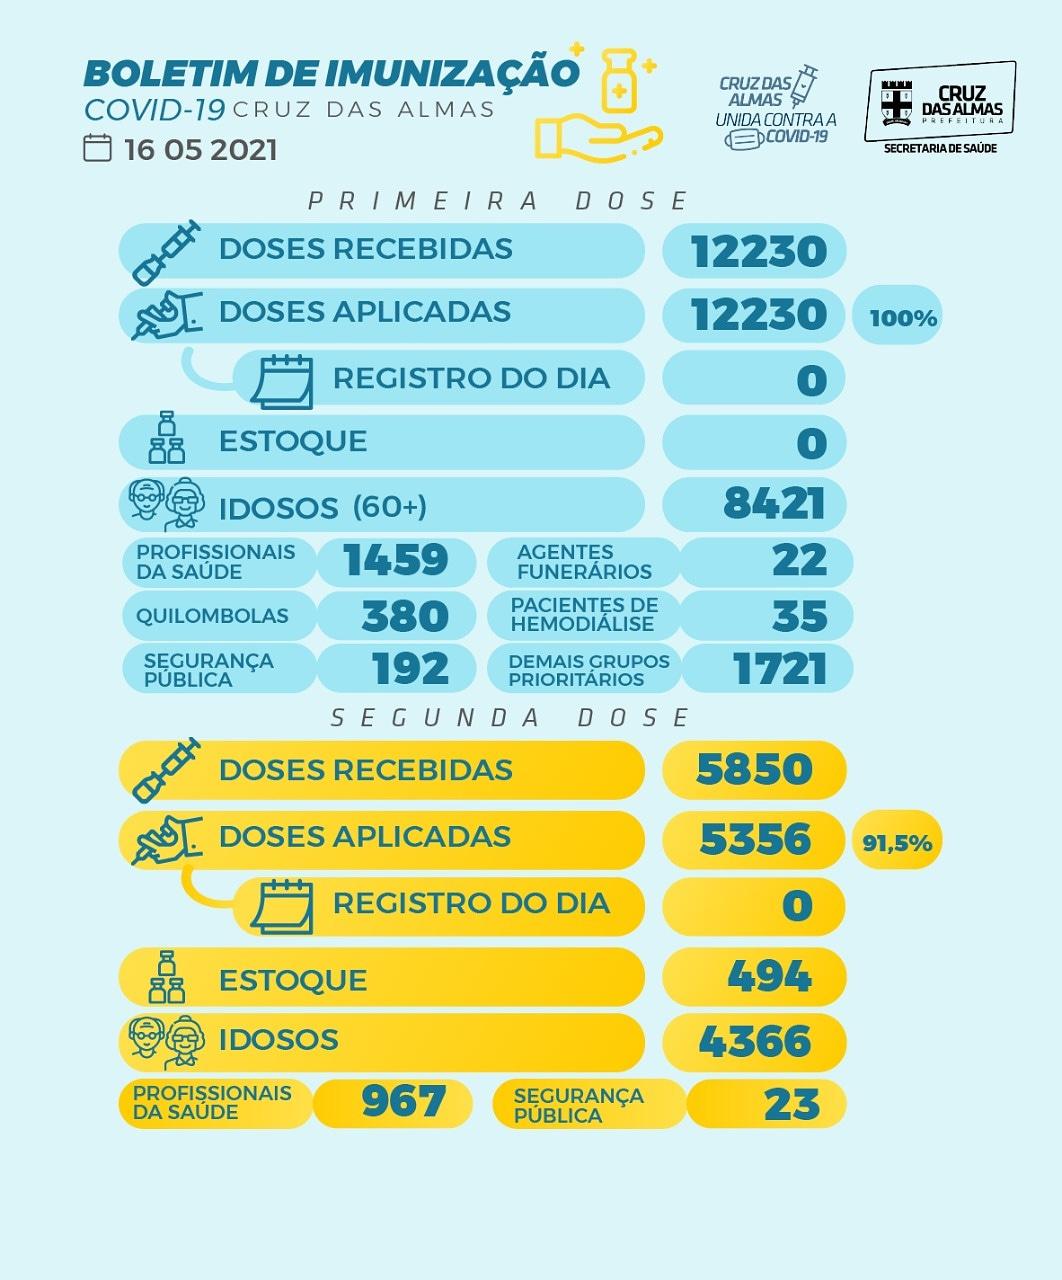 BOLETIM DE IMUNIZAÇÃO 16/05/2021